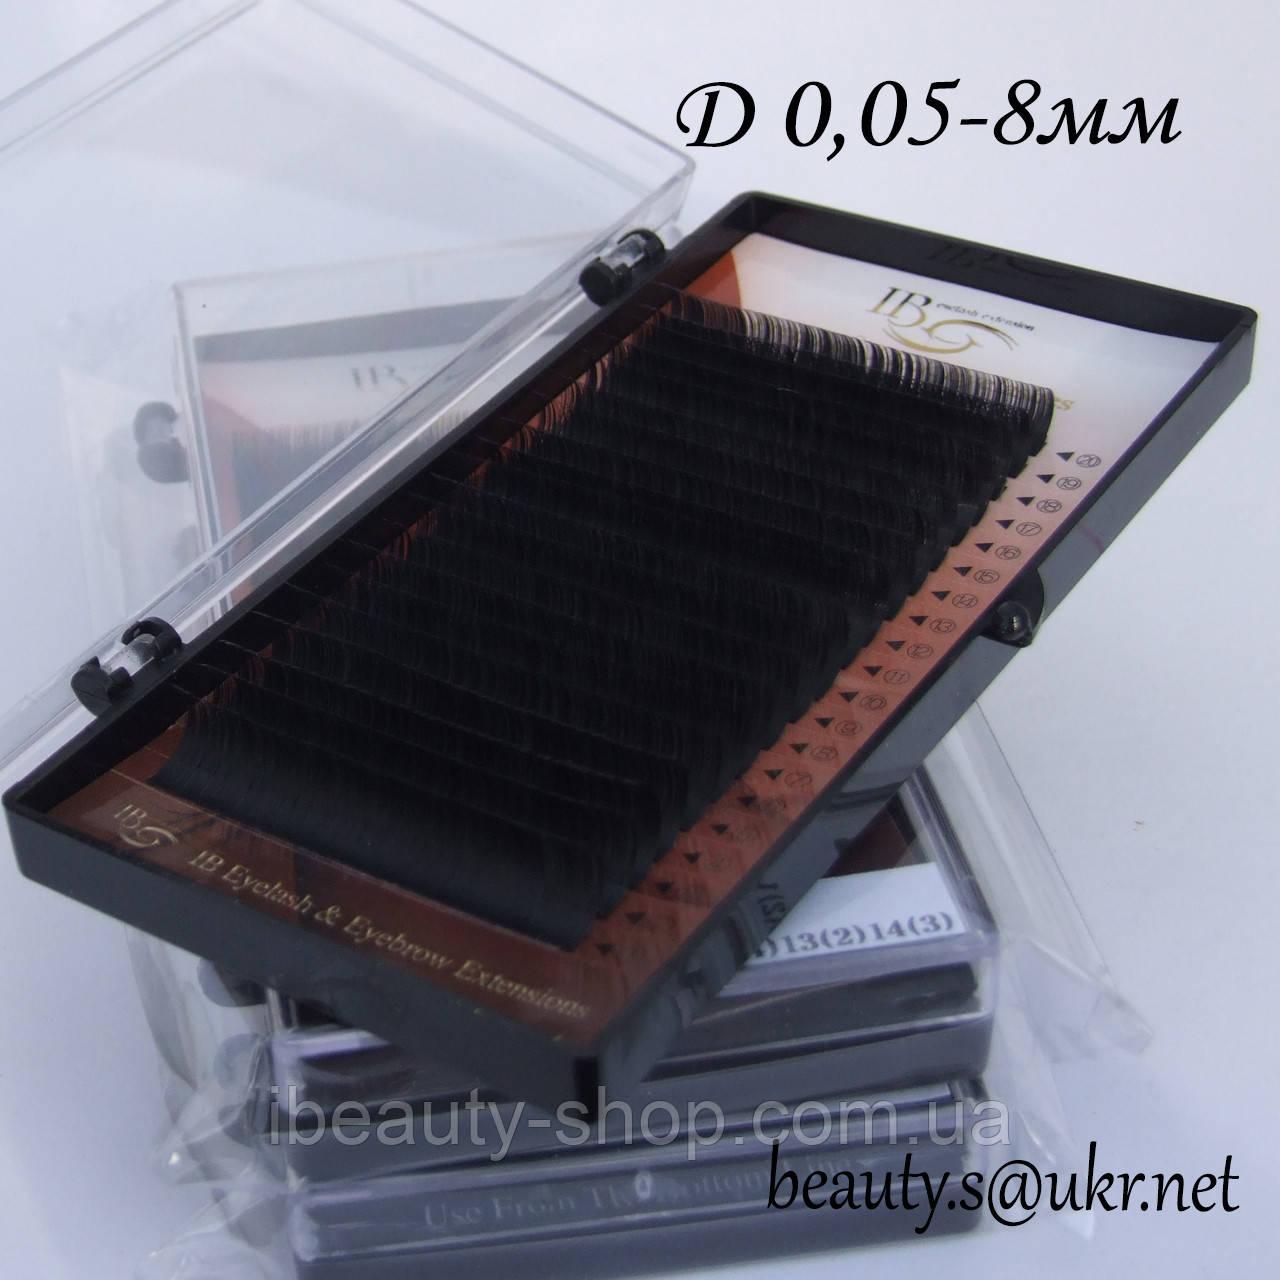 Ресницы  I-Beauty на ленте D-0,05 8мм